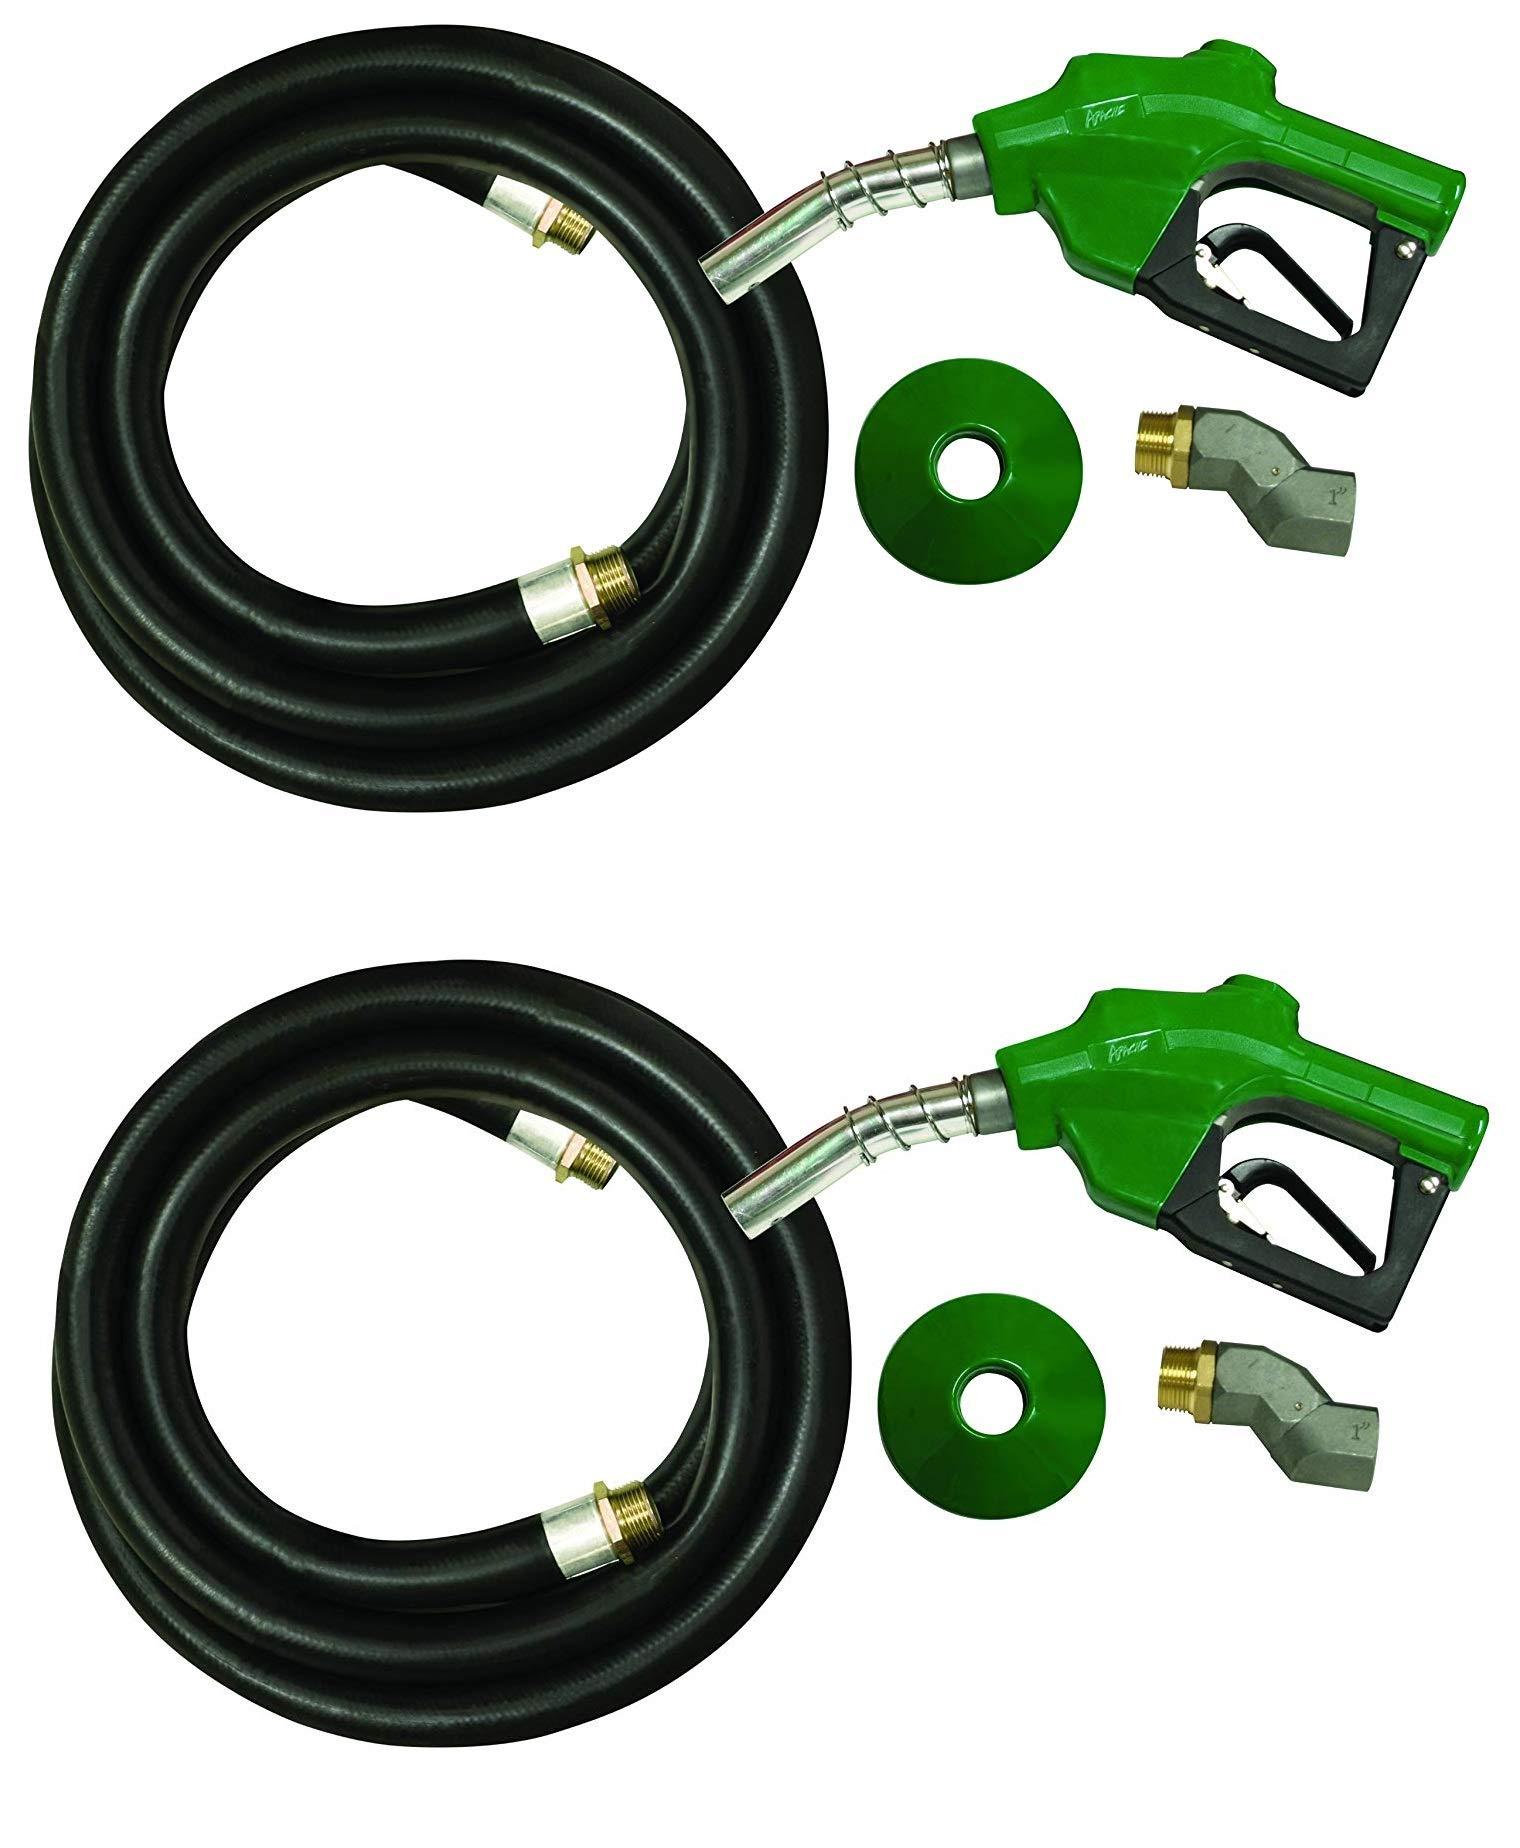 Apache 99000277 1'' Diesel Automatic Fuel Nozzle Kit (2-Pack)